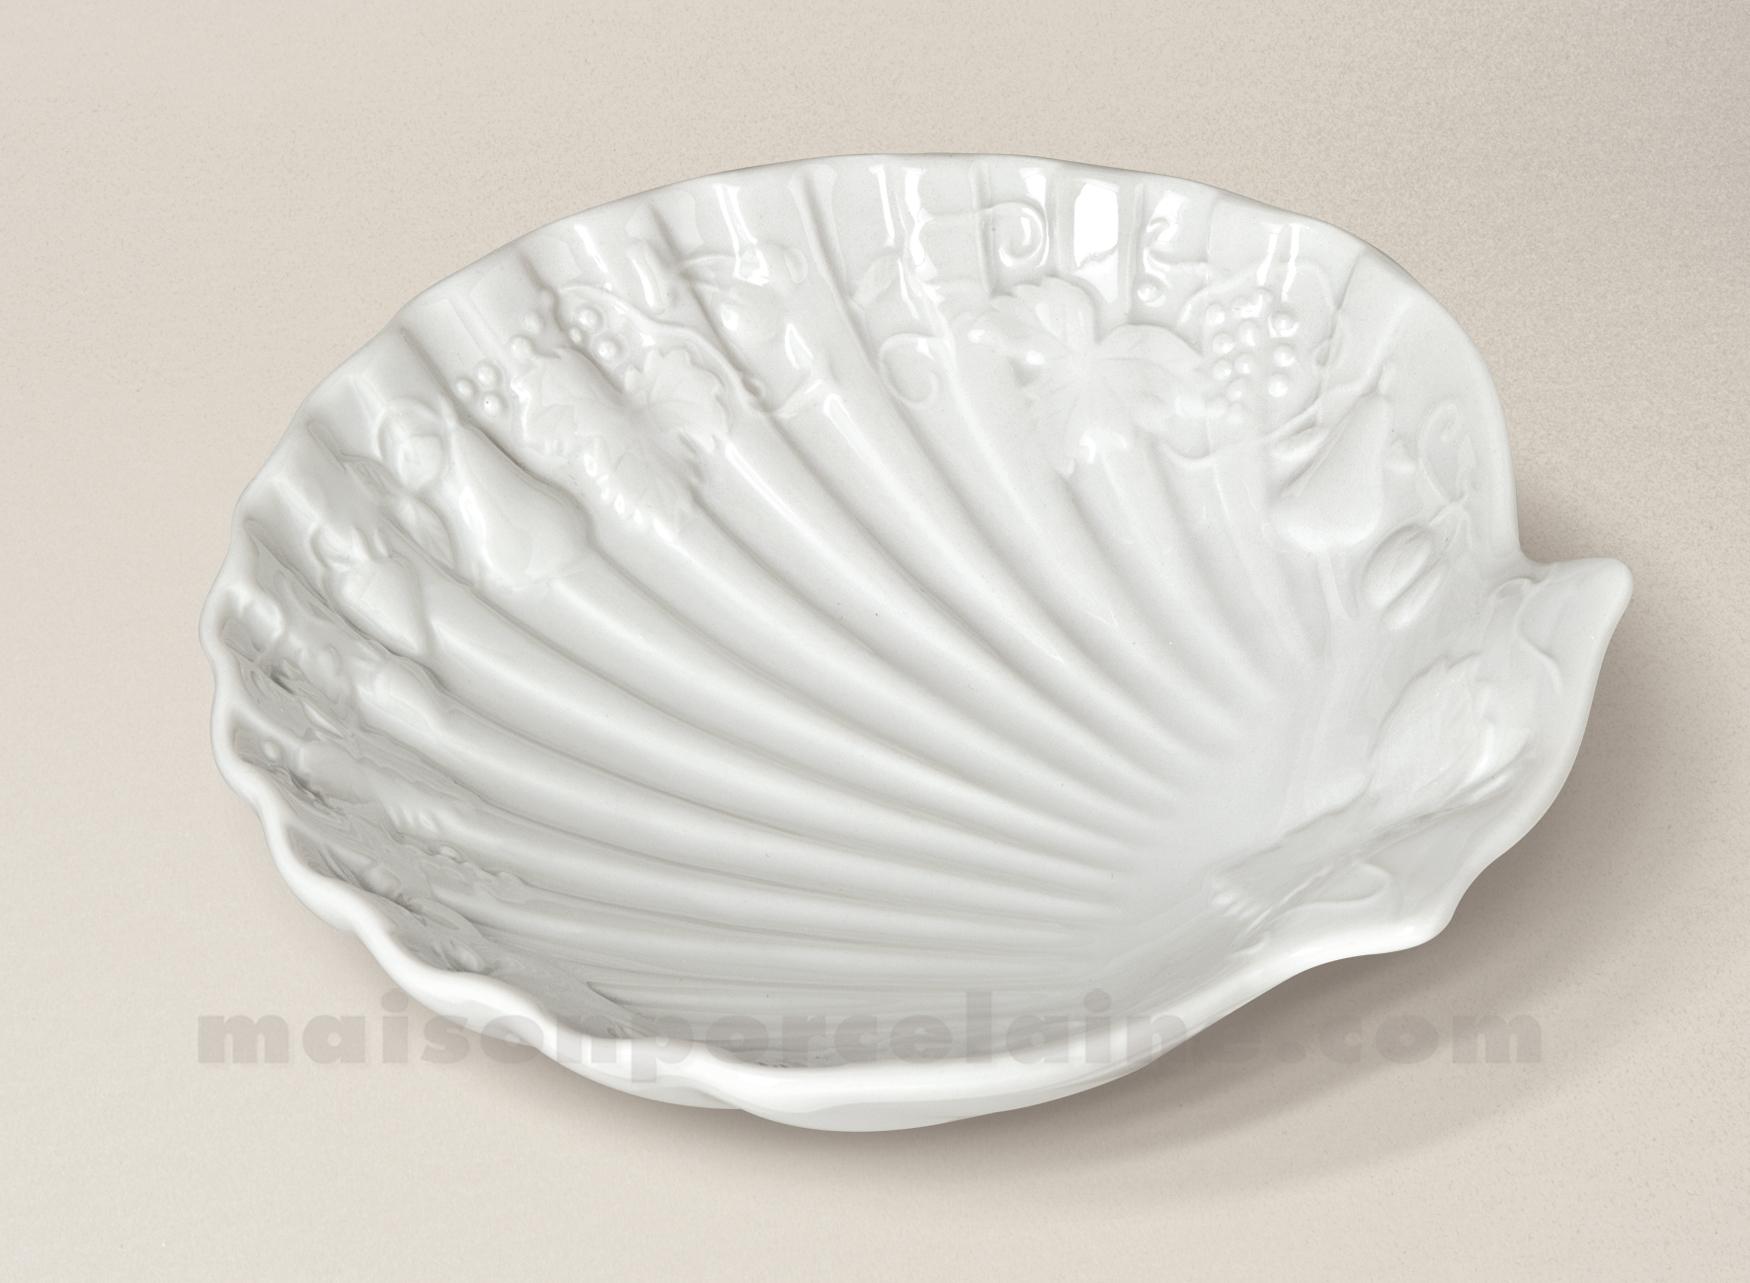 coquille st jacques california porcelaine blanche 15x14 maison de la porcelaine. Black Bedroom Furniture Sets. Home Design Ideas